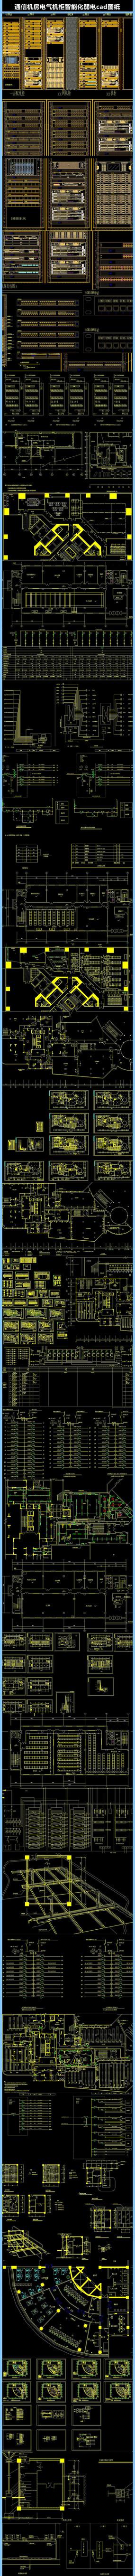 通信机房电气机柜智能化弱电cad图纸